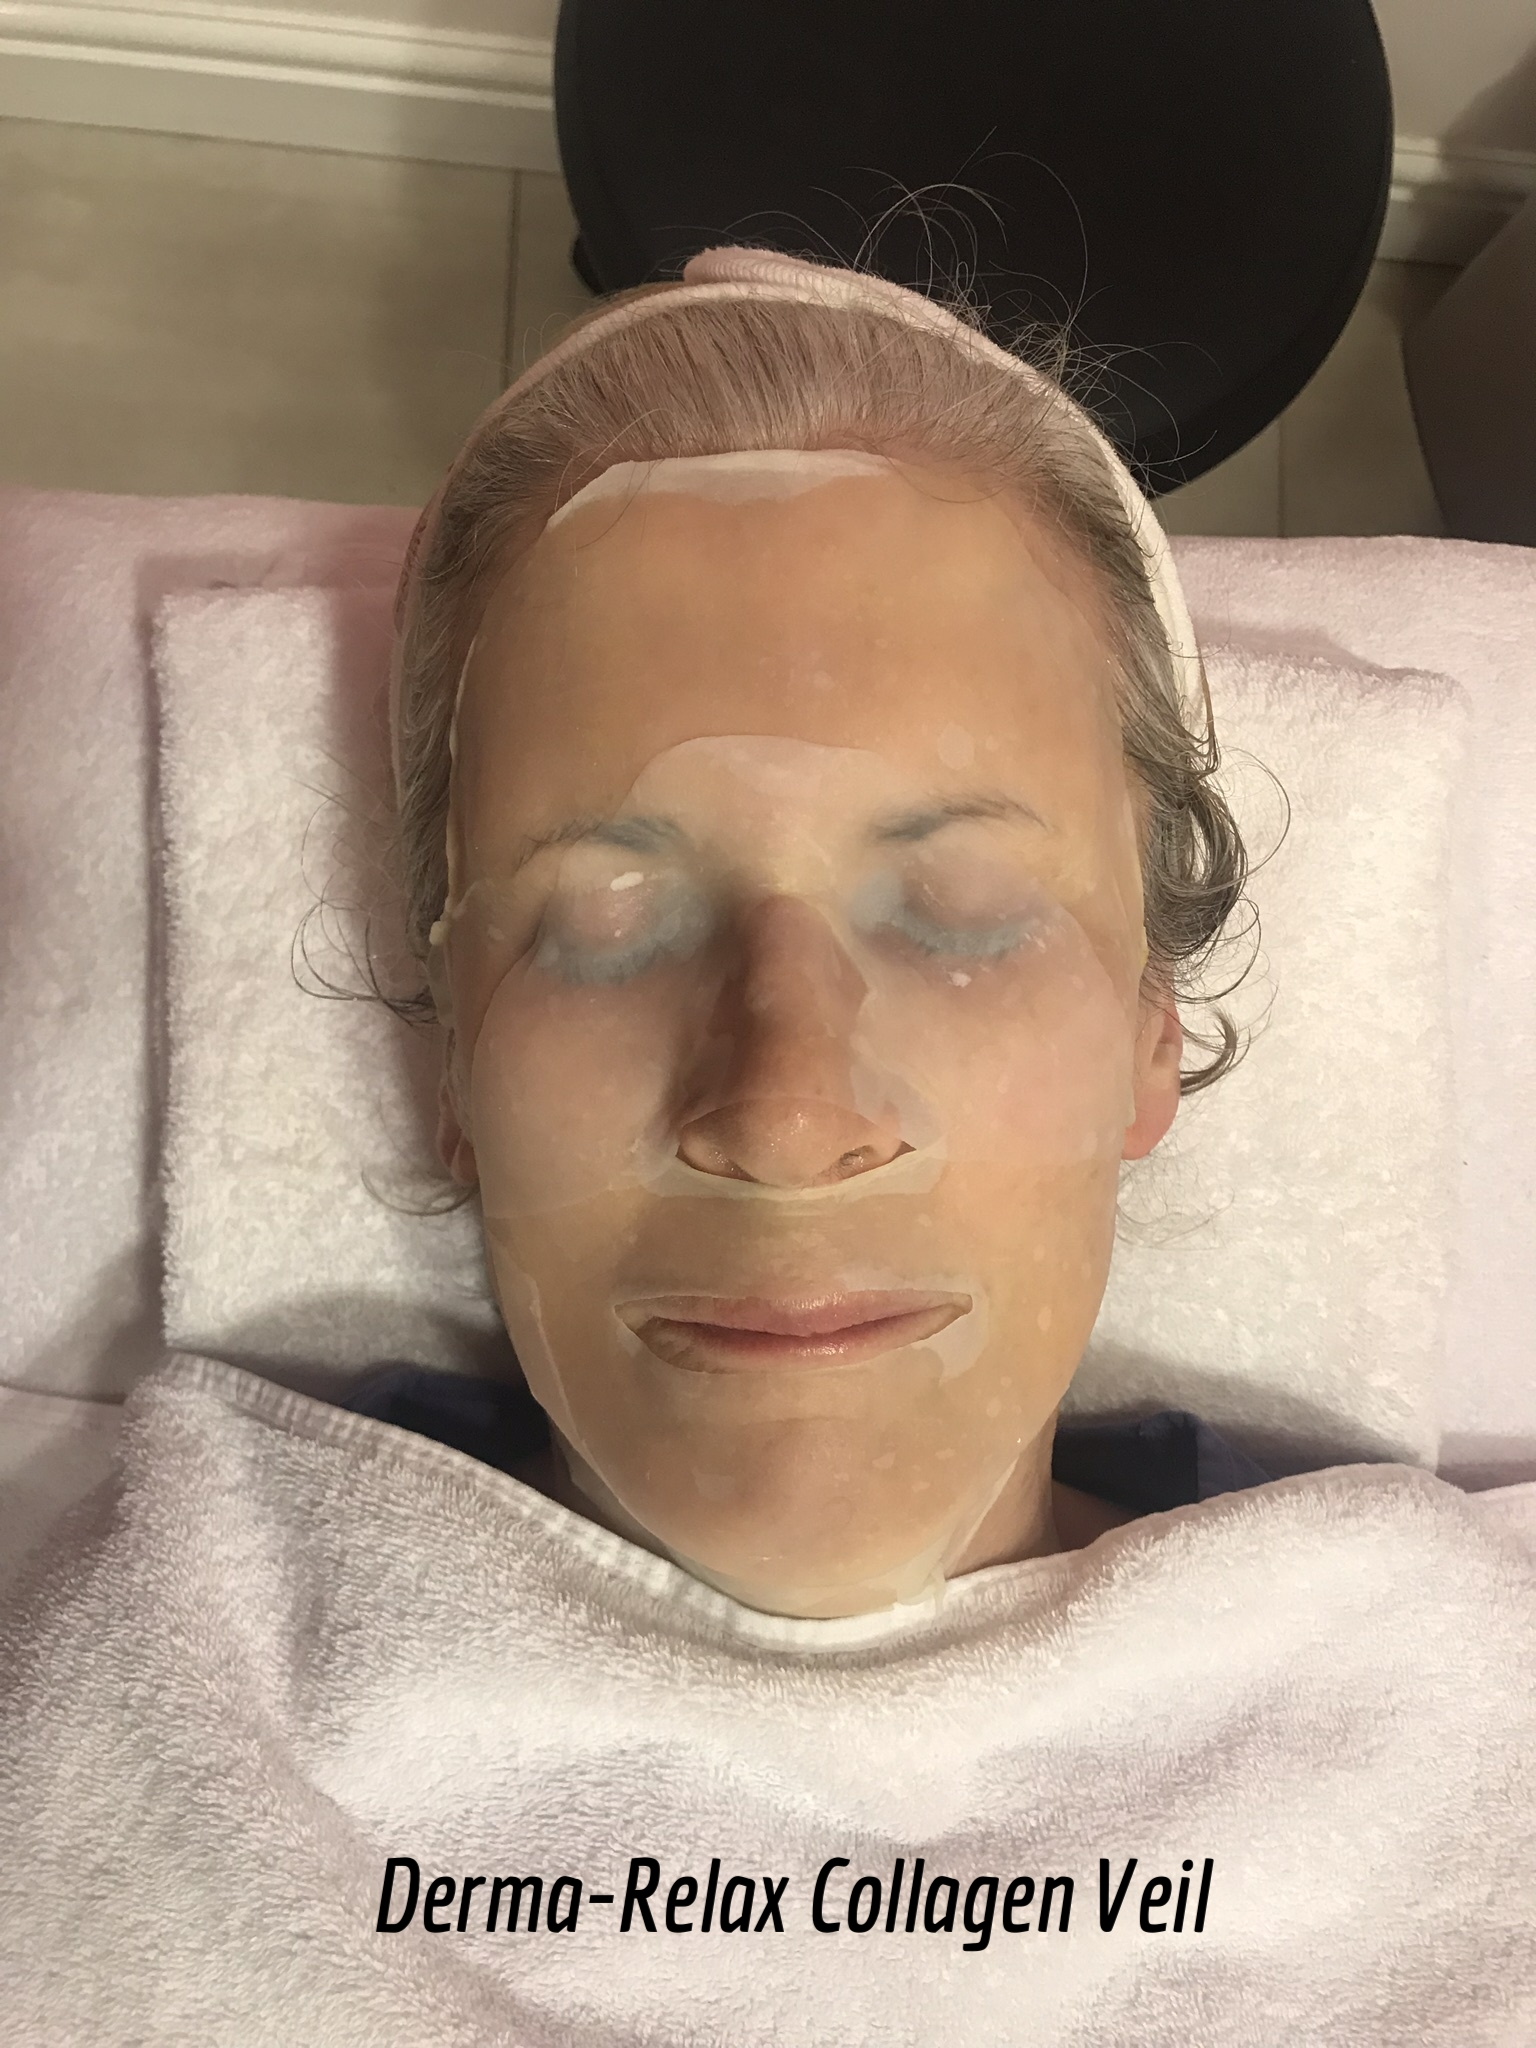 DermaRelax Collagen Veil